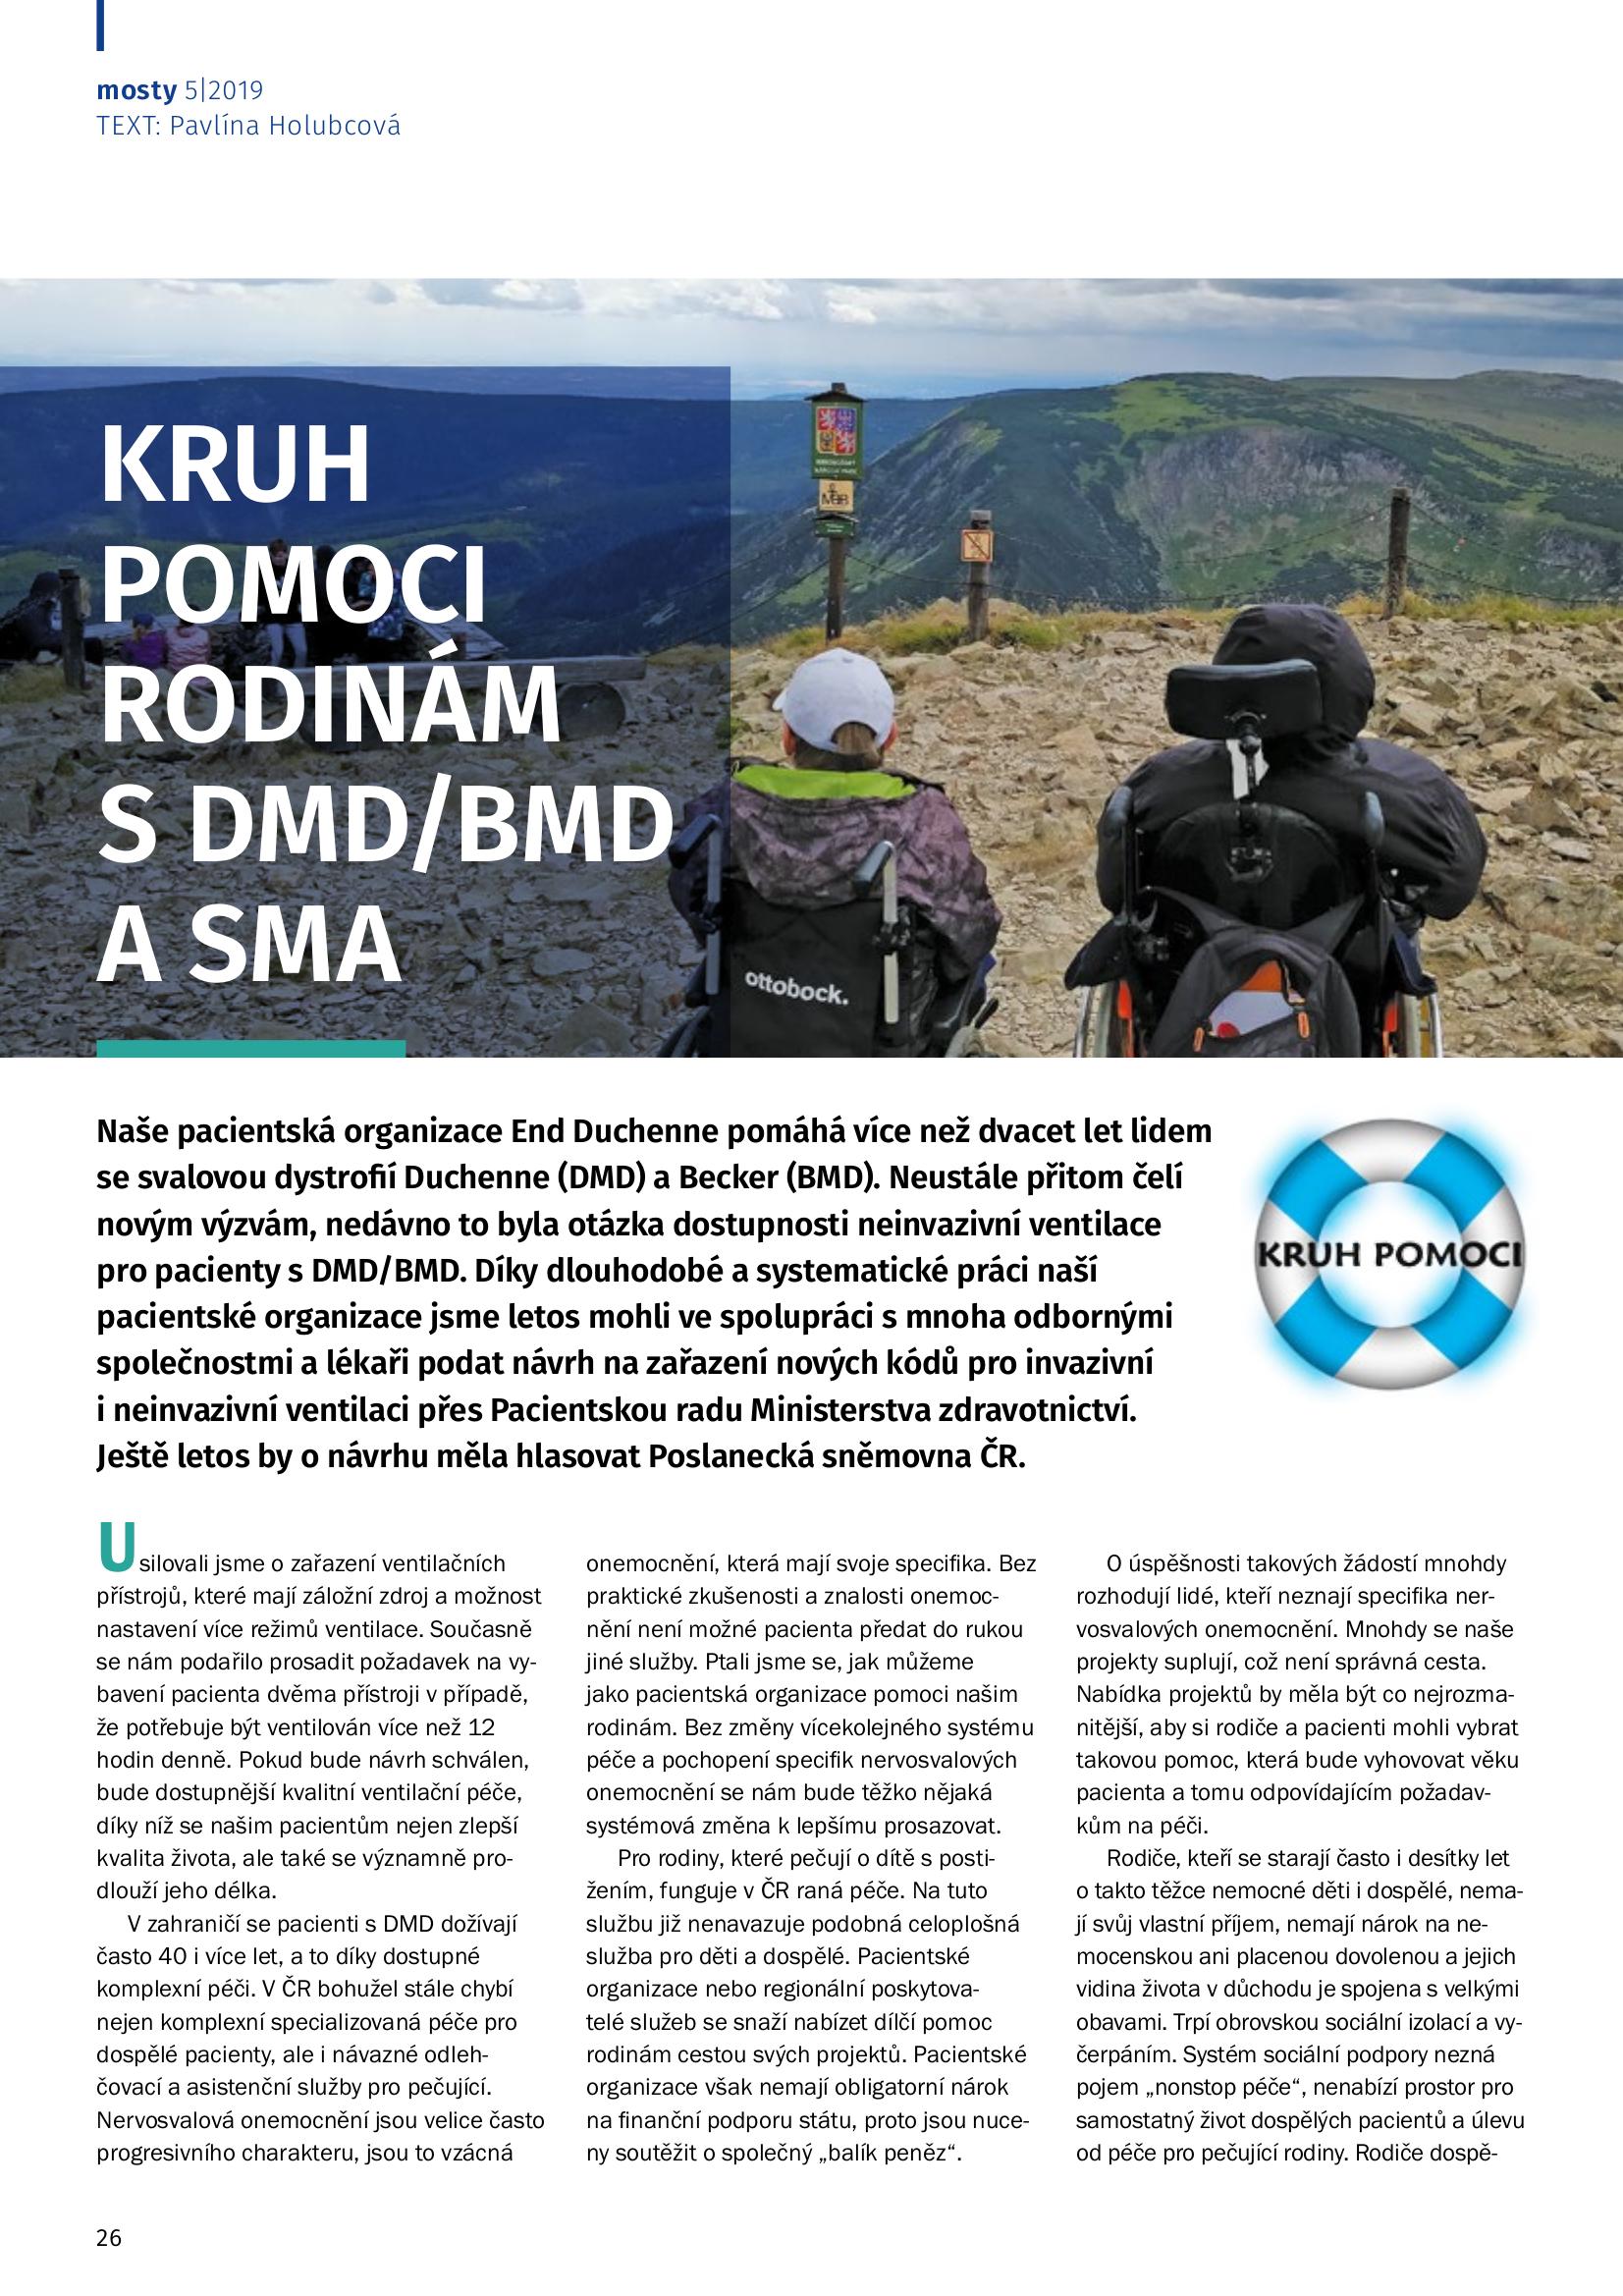 Kruh pomoci rodinám s DMD/BMD a SMA - časopis Mosty